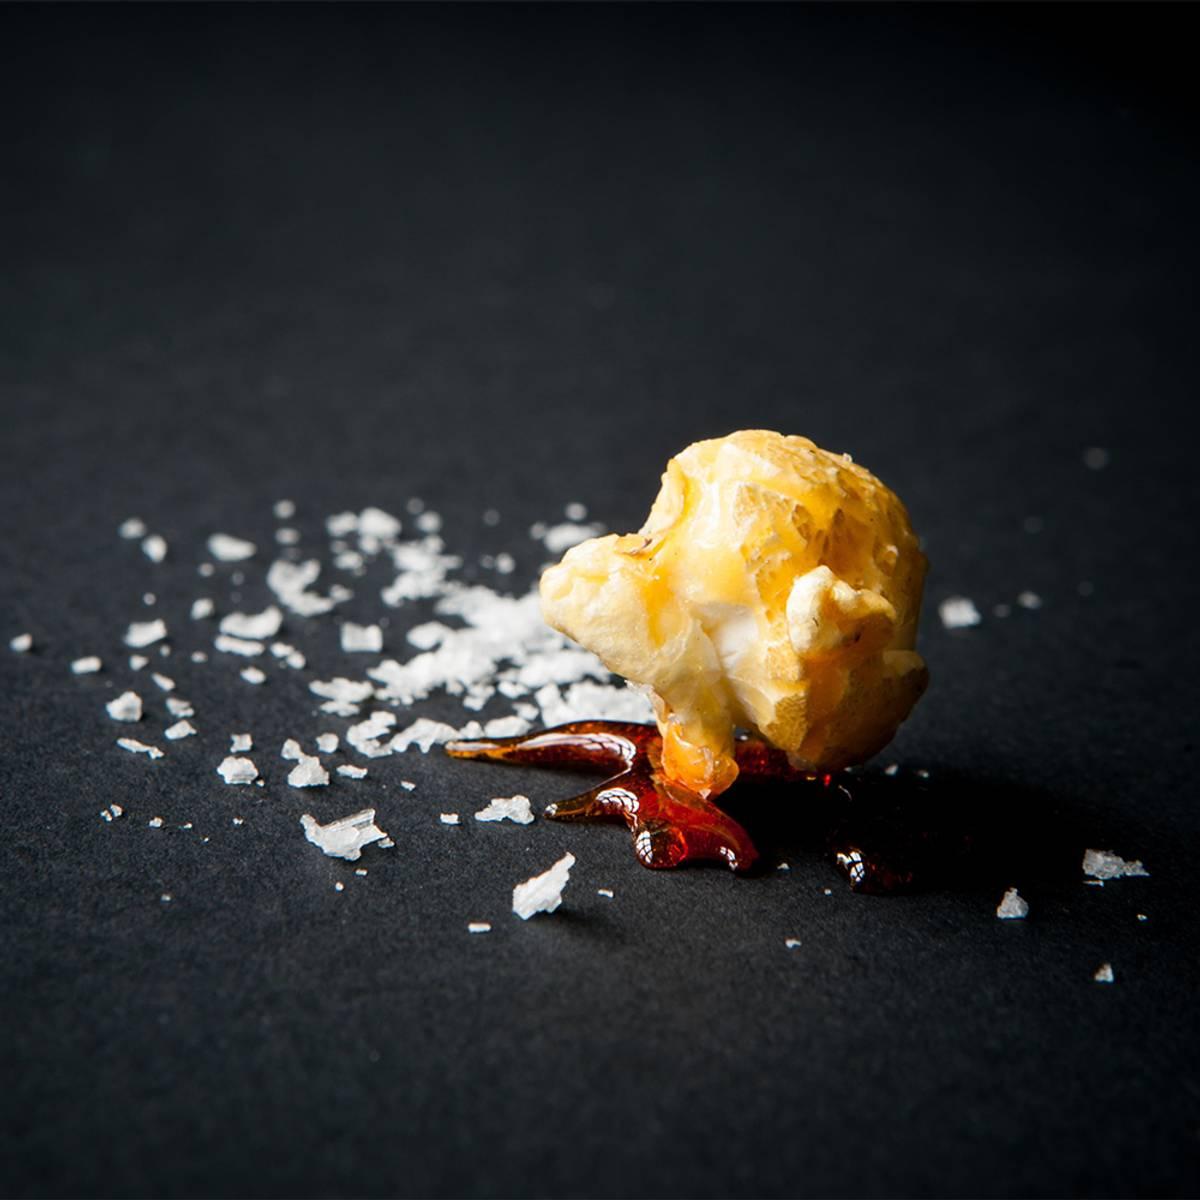 NoCrap - Gourmet Popcorn Trippel Salt Karamell 95g